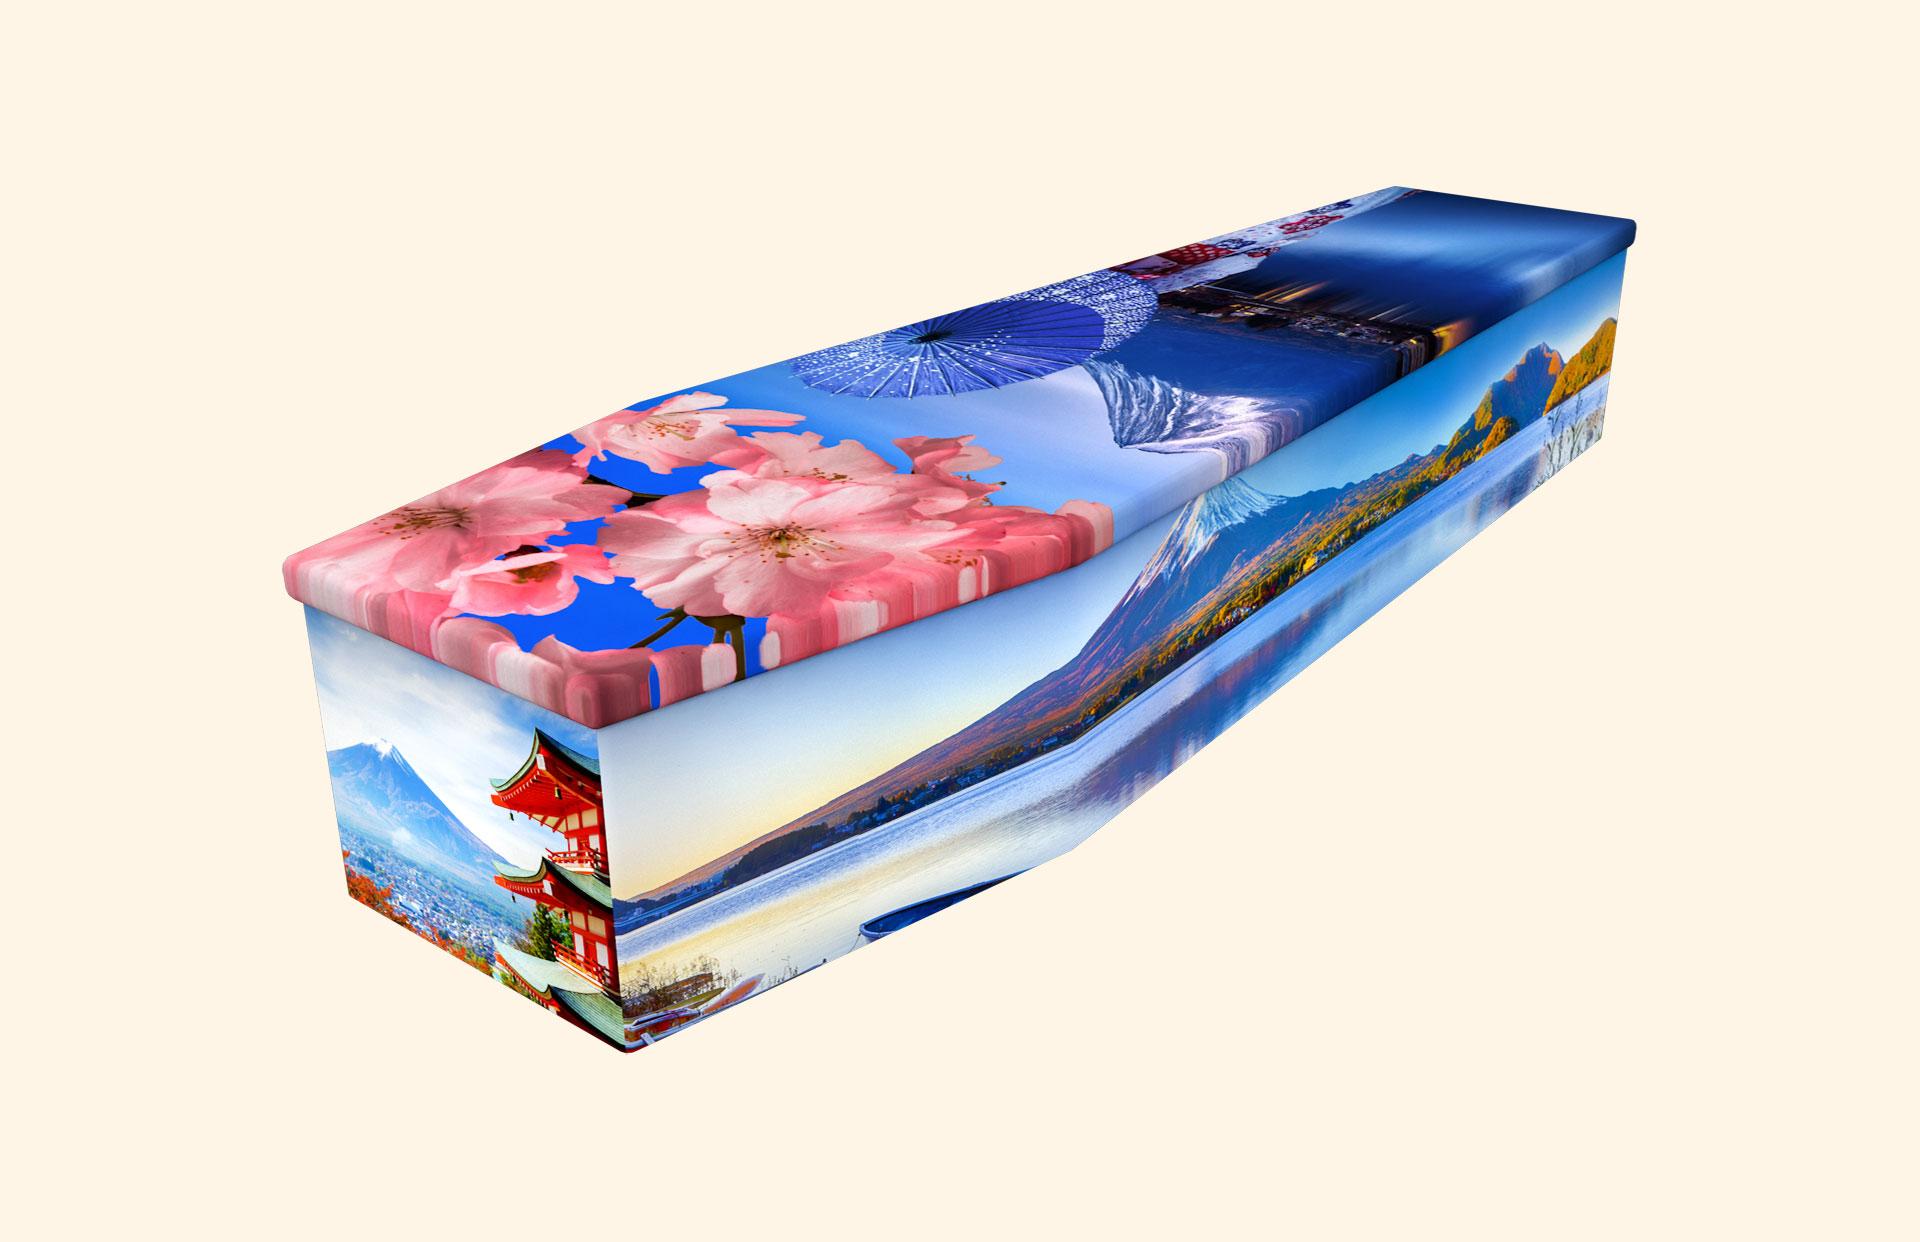 Mount Fuji cardboard coffin